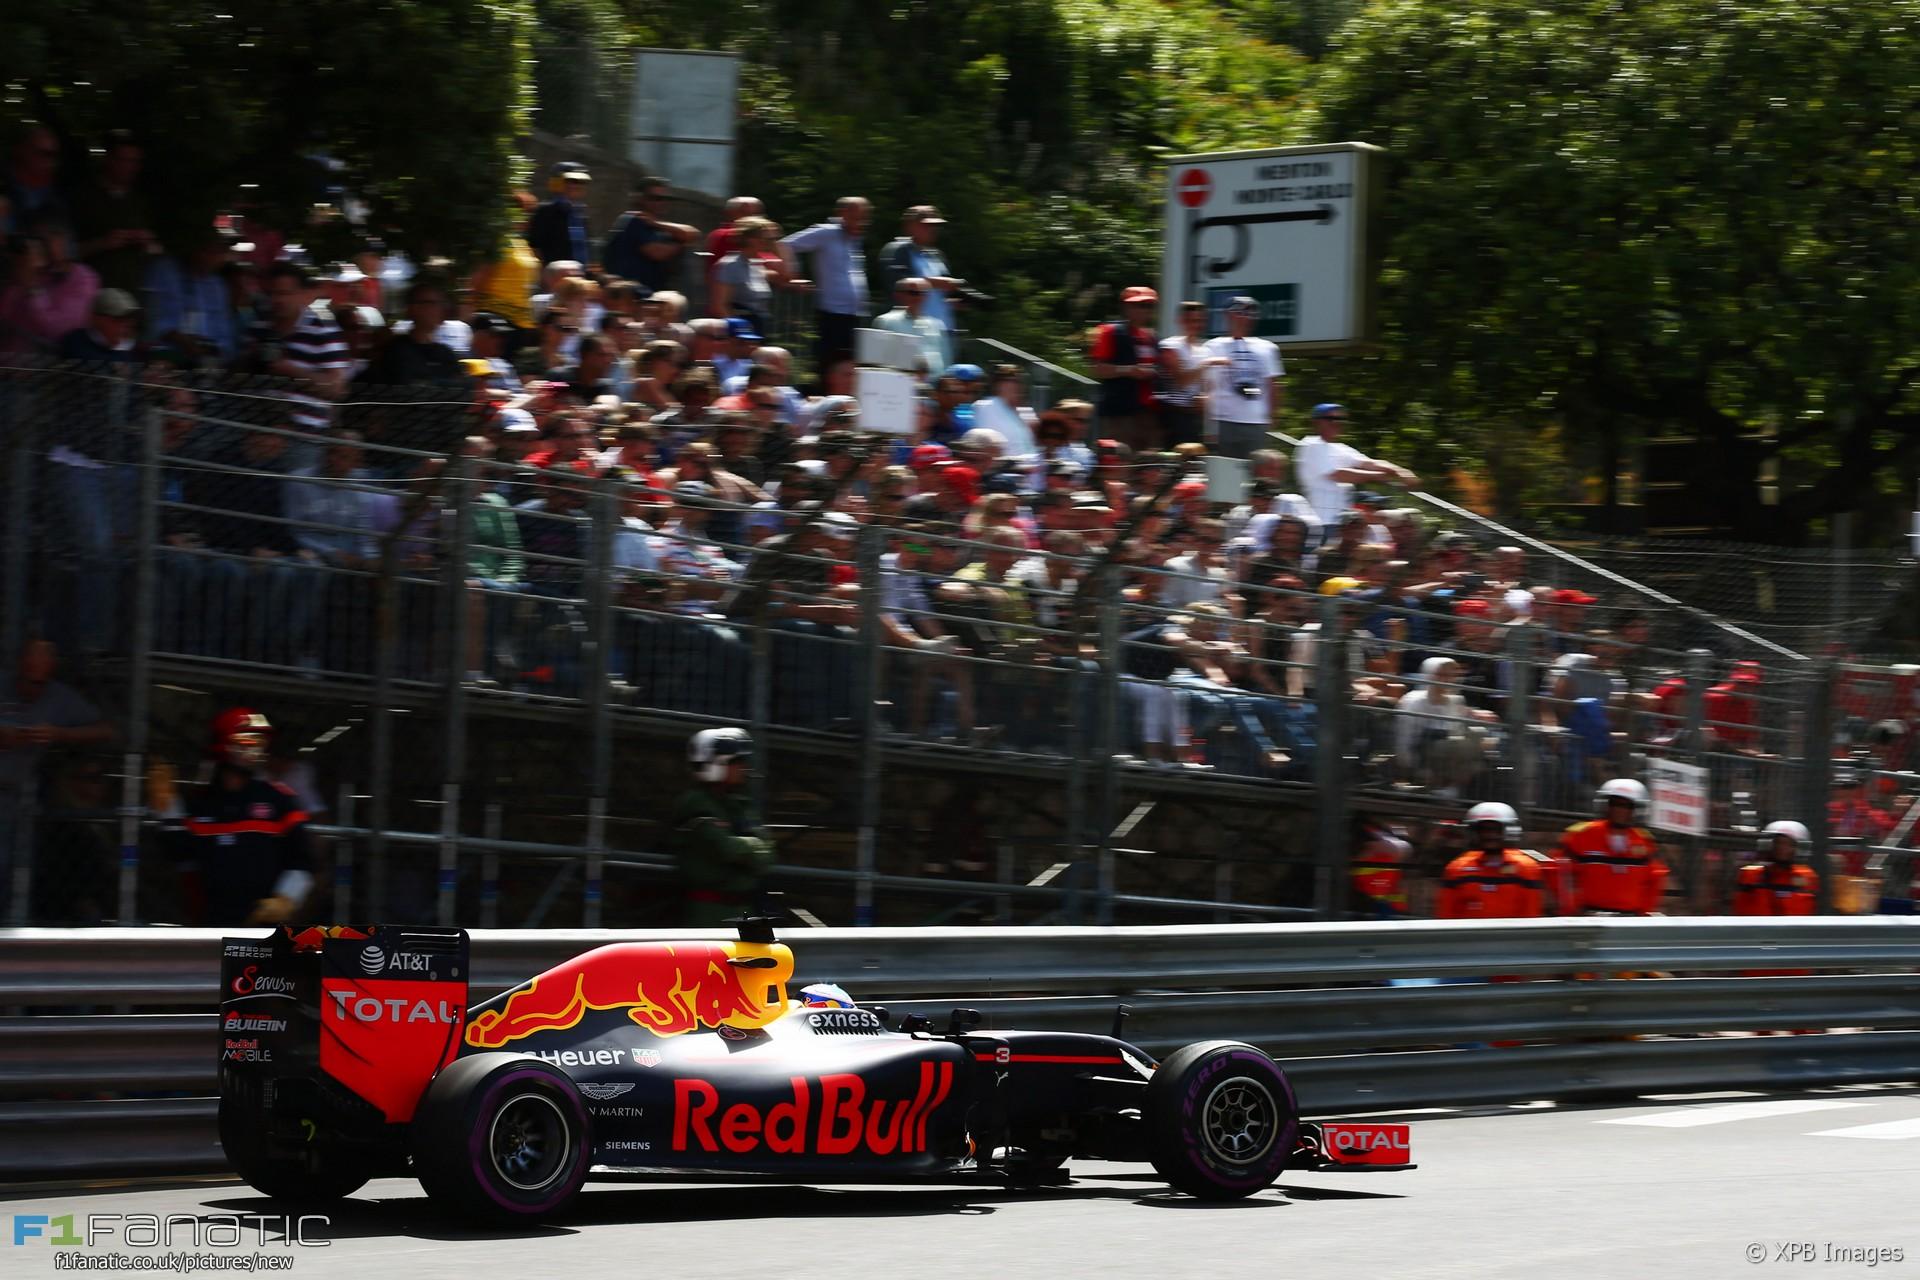 Tempat Jual Ferrari F1 Racers 8123 Terbaru 2018 Bonia Elegant Bnb10099 1127 Jam Tangan Pria Silver Gold Daniel Ricciardo Red Bull Monte Carlo 2016 Racefans